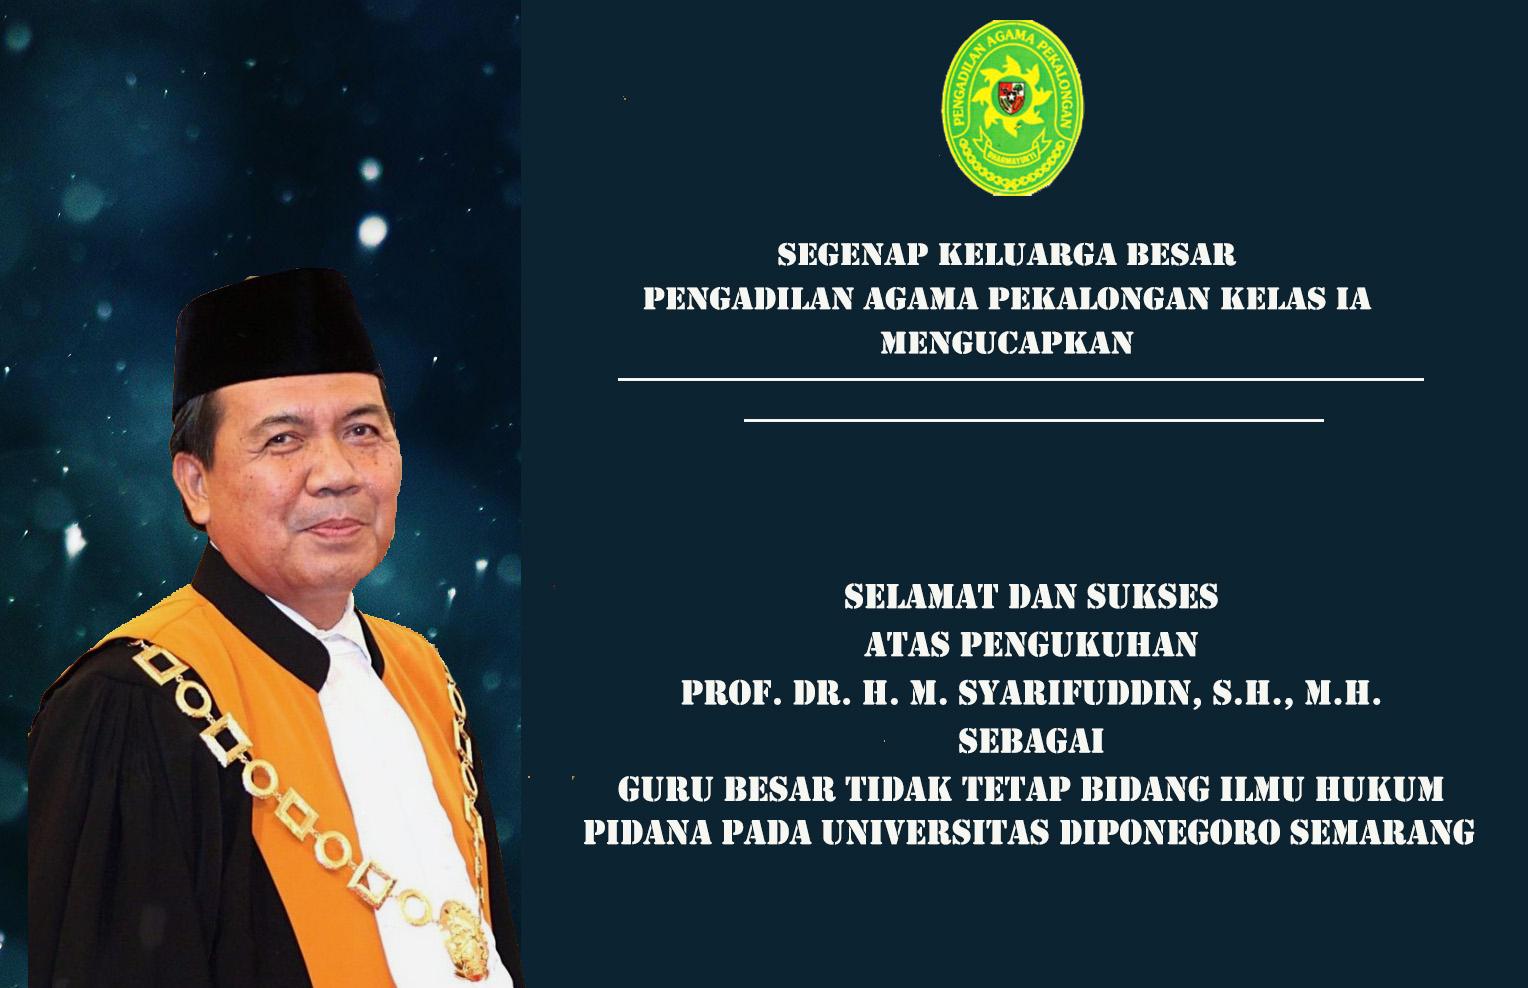 Selamat dan Sukses Prof. Dr. H. M. Syarifuddin S.H., M.H.